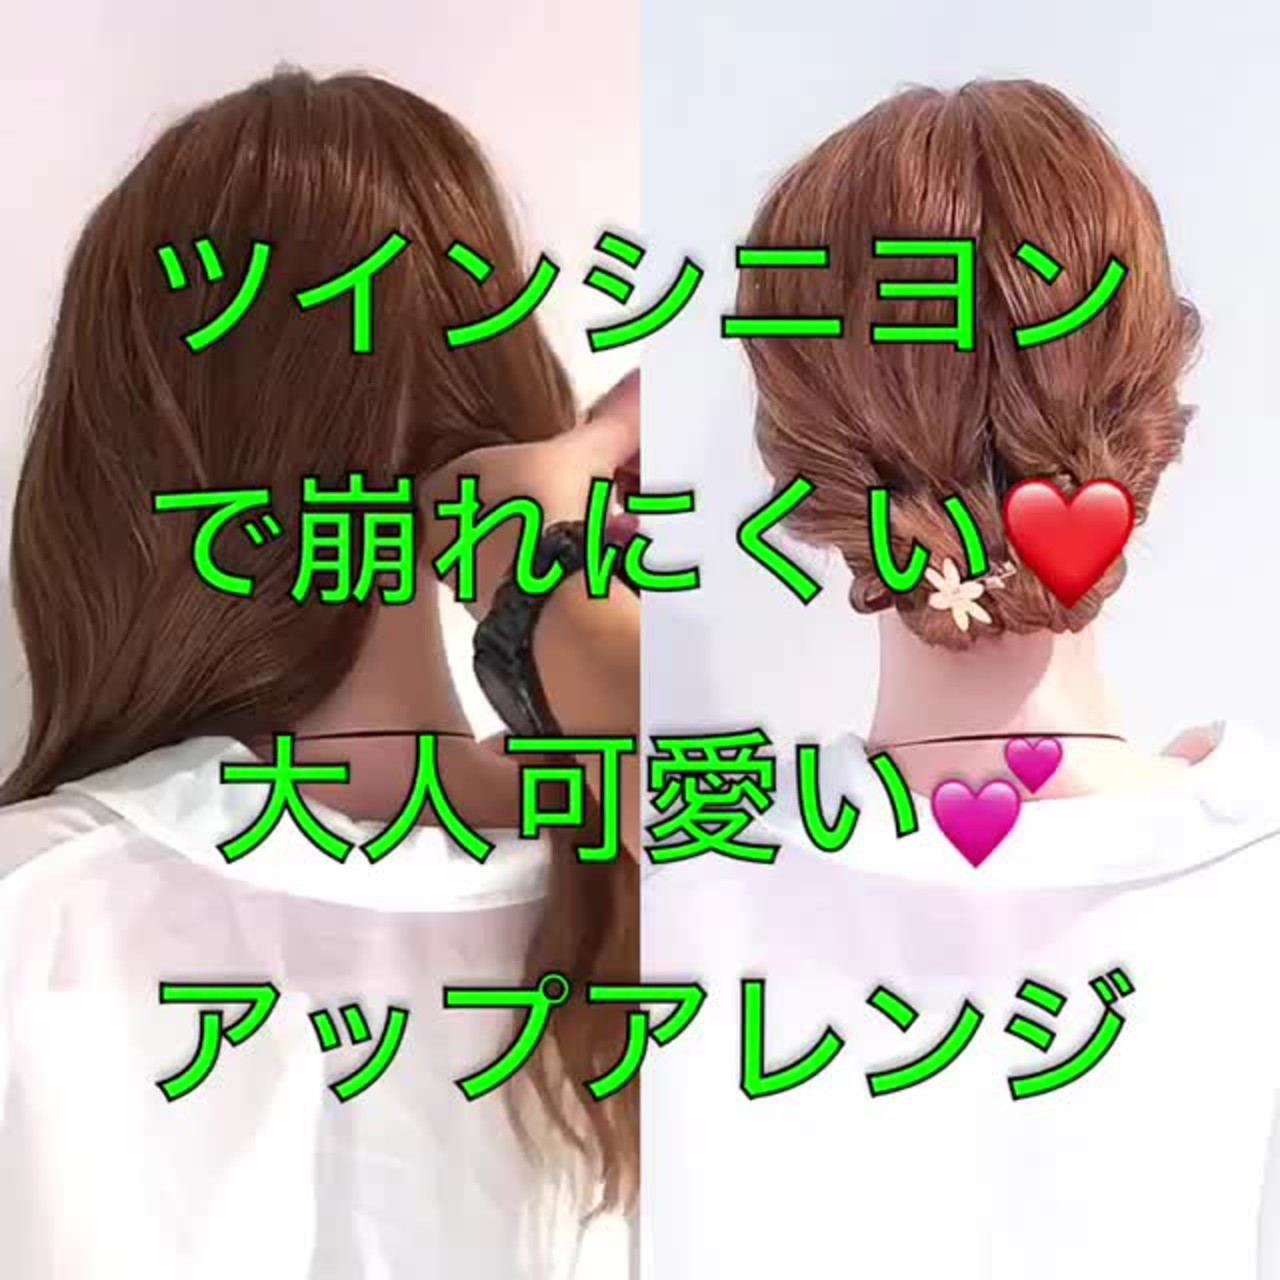 動画でチェック!簡単シニヨンアレンジ 美容師 HIRO